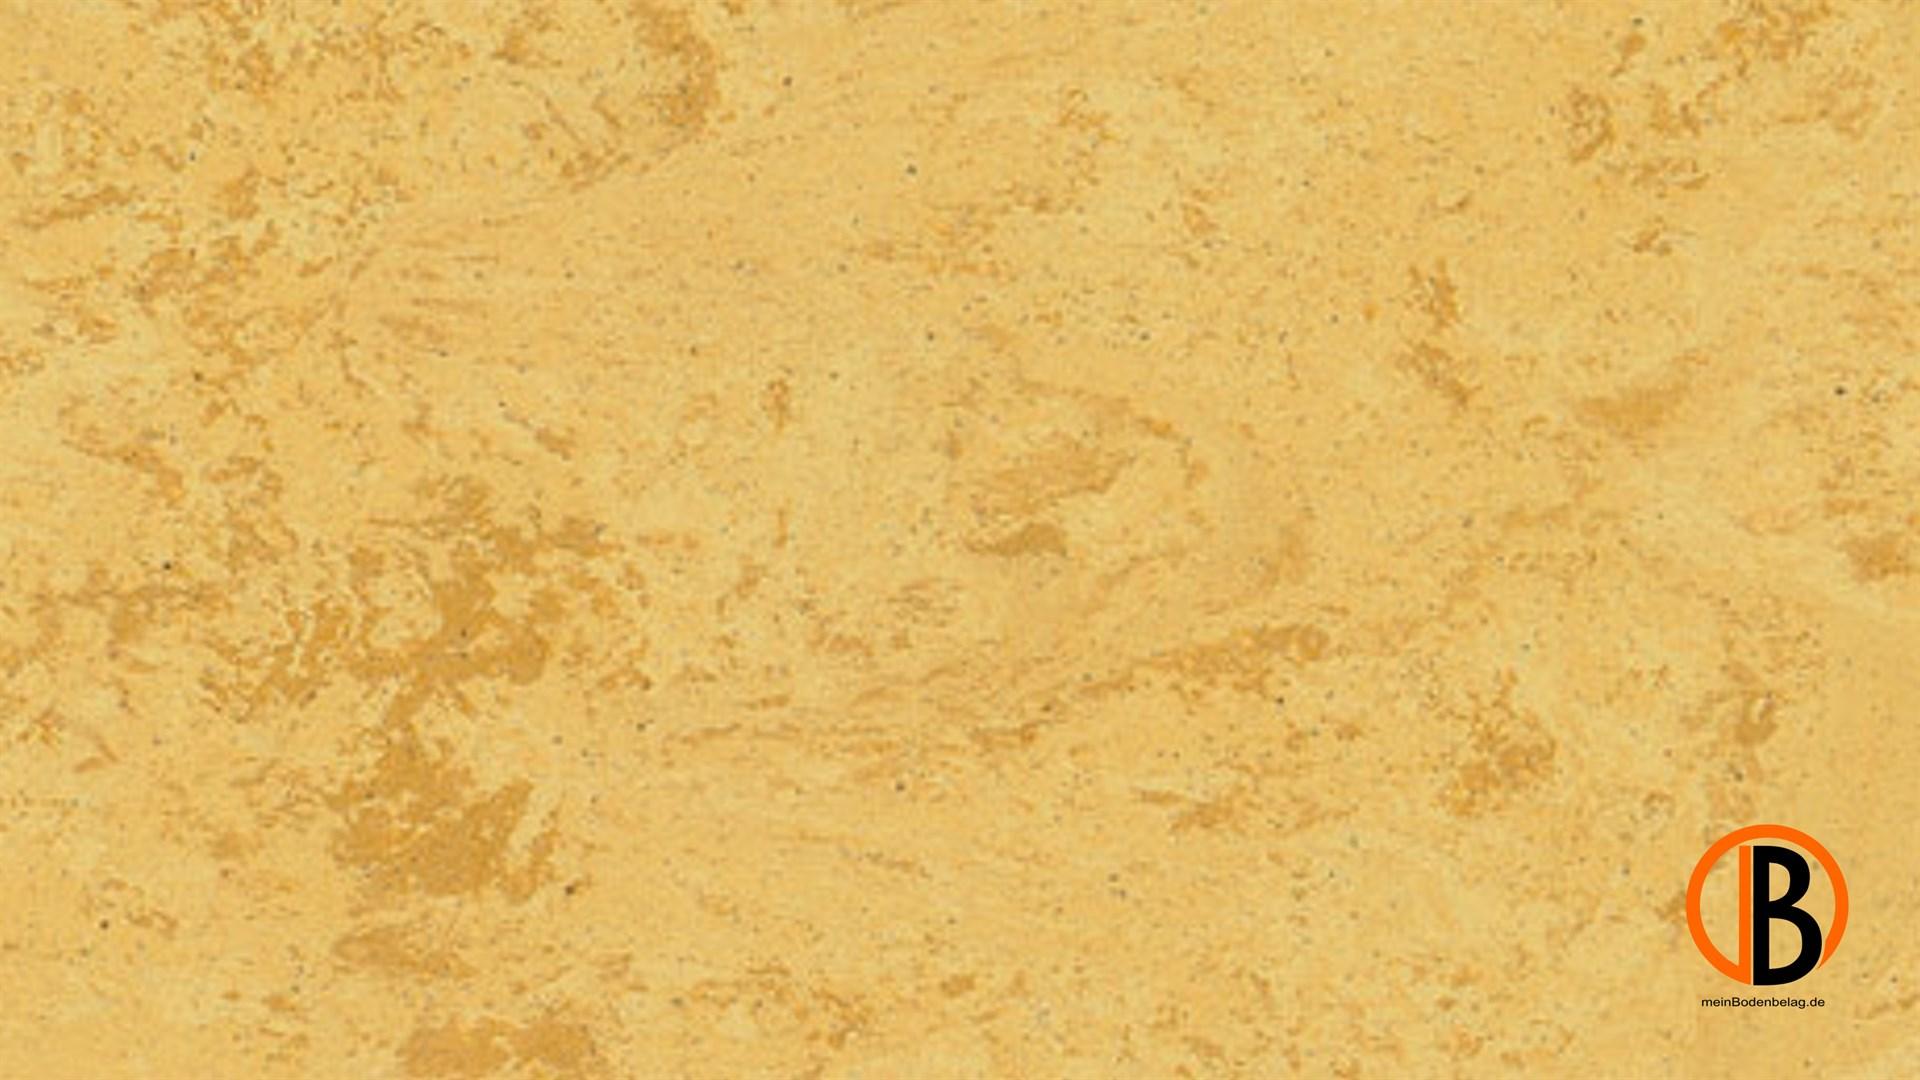 CINQUE KWG LINOLEUM-FERTIGPARKETT PICOLINO | 10000409;0 | Bild 1